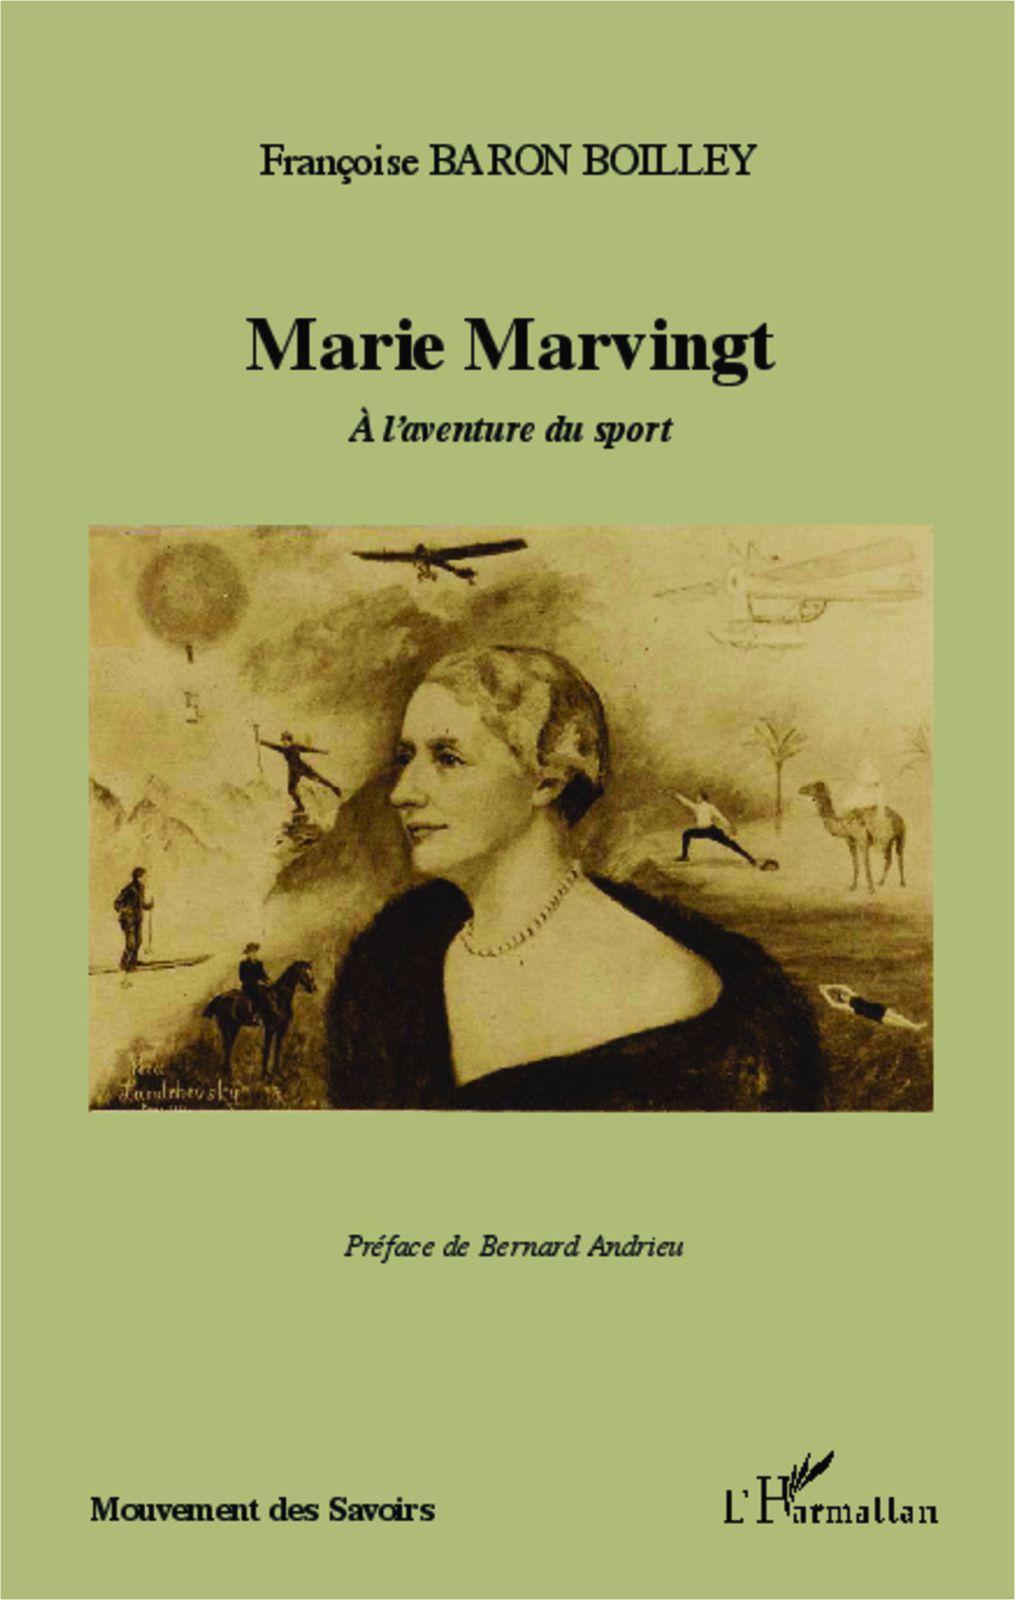 Marie Marvingt, pionnière, aventurière, sportive...